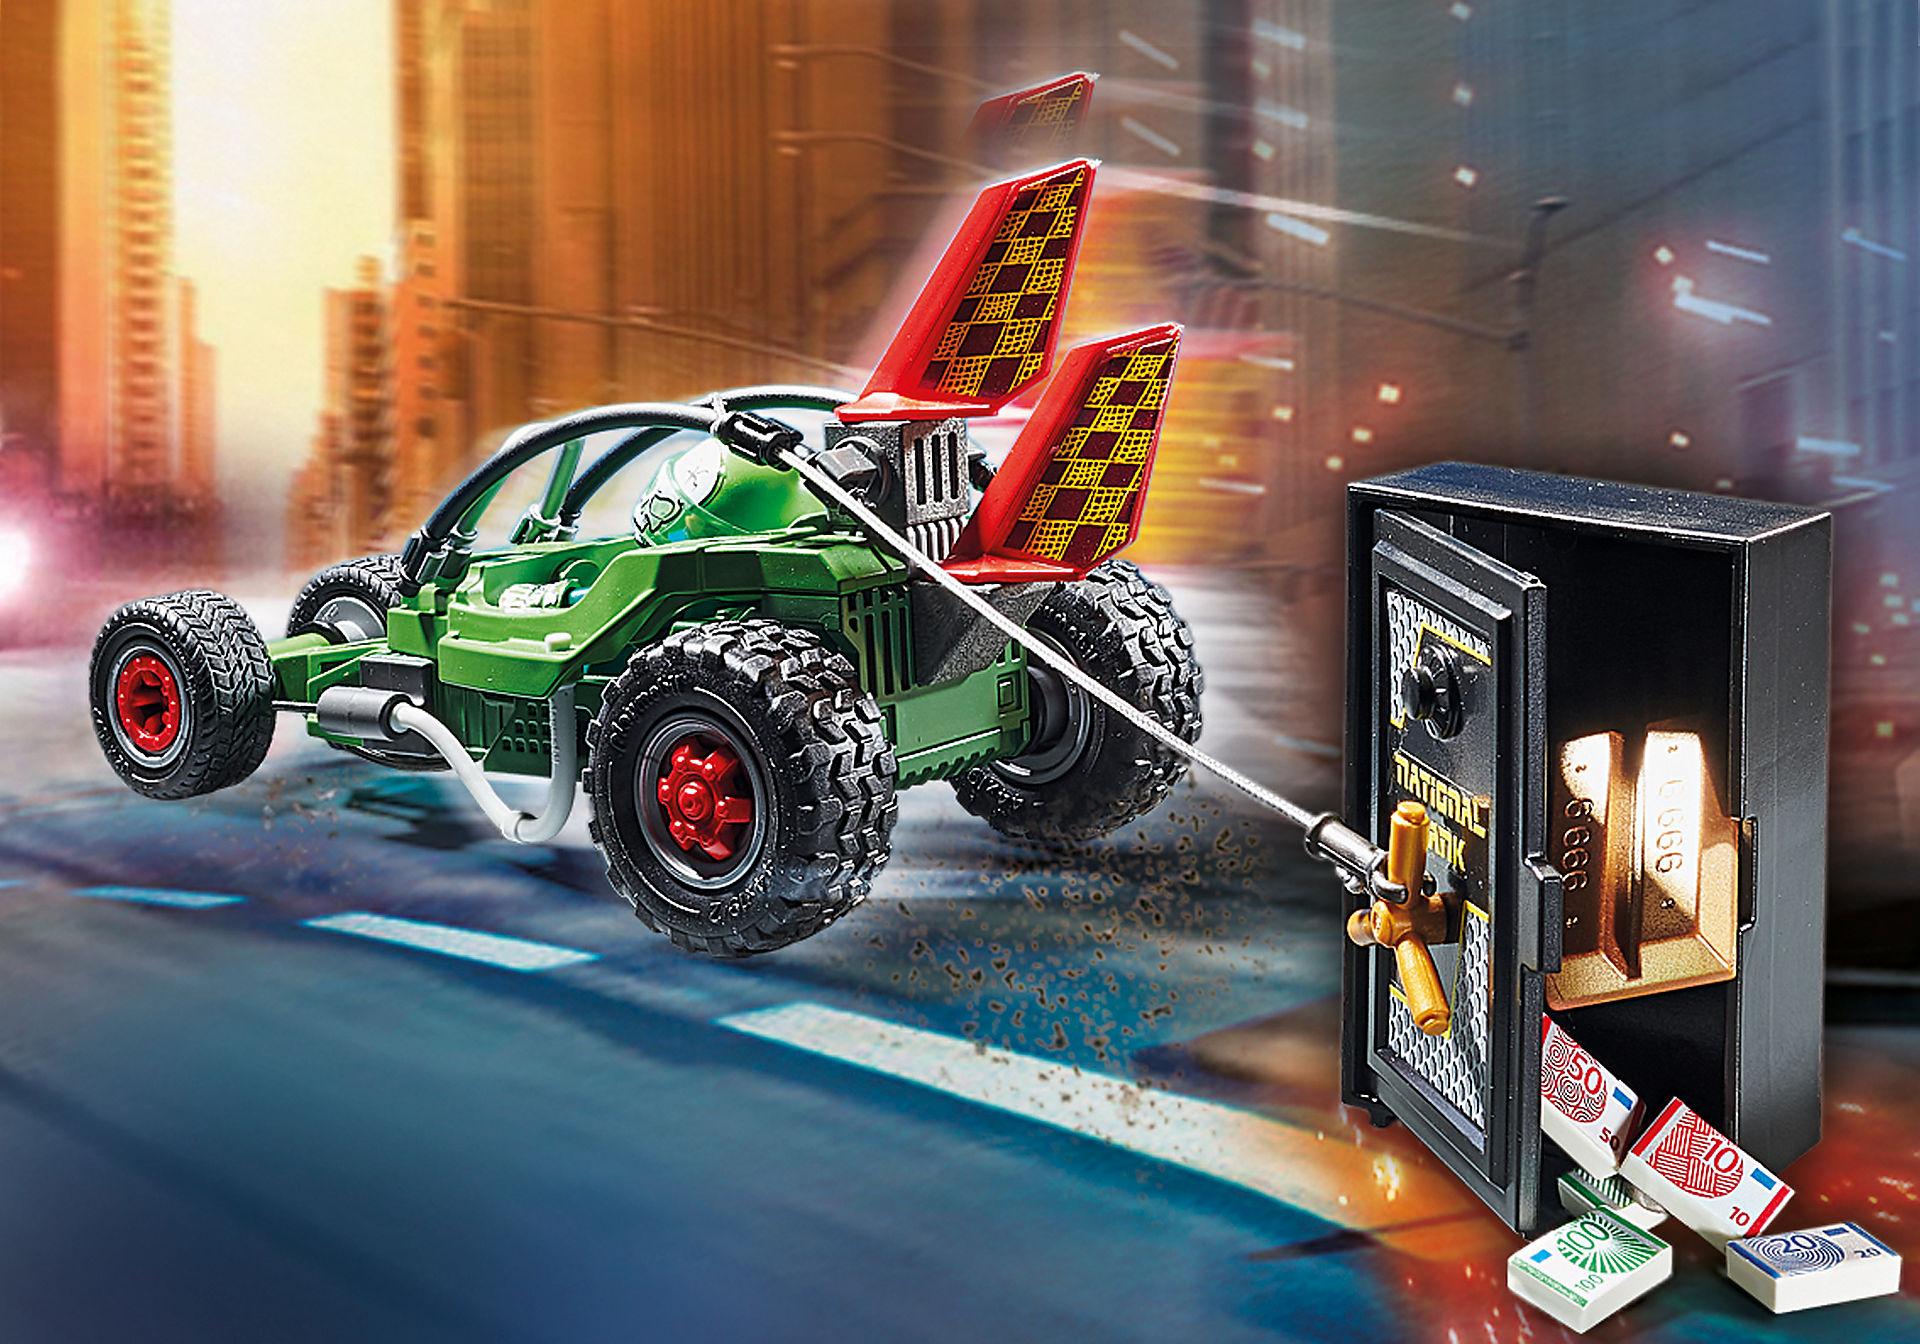 70577 Policyjny gokart: Pościg za włamywaczem do sejfu zoom image4